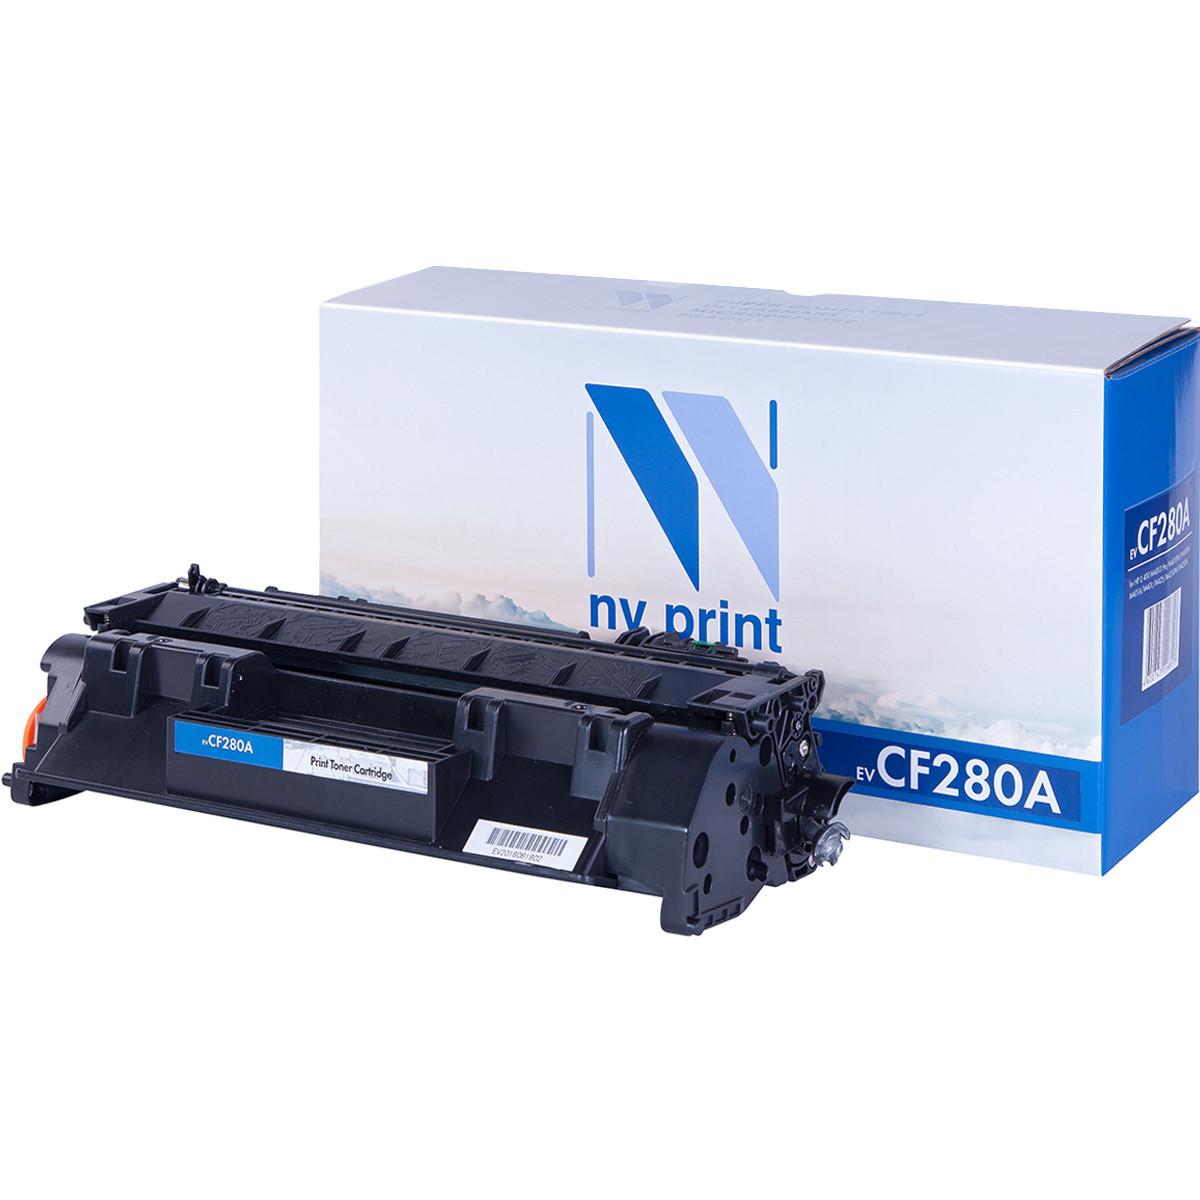 Картридж NVP совместимый HP CF280A для LaserJet Pro M401d/M401dn/M401dw/M401a/M401dne/MFP-M425dw/M42